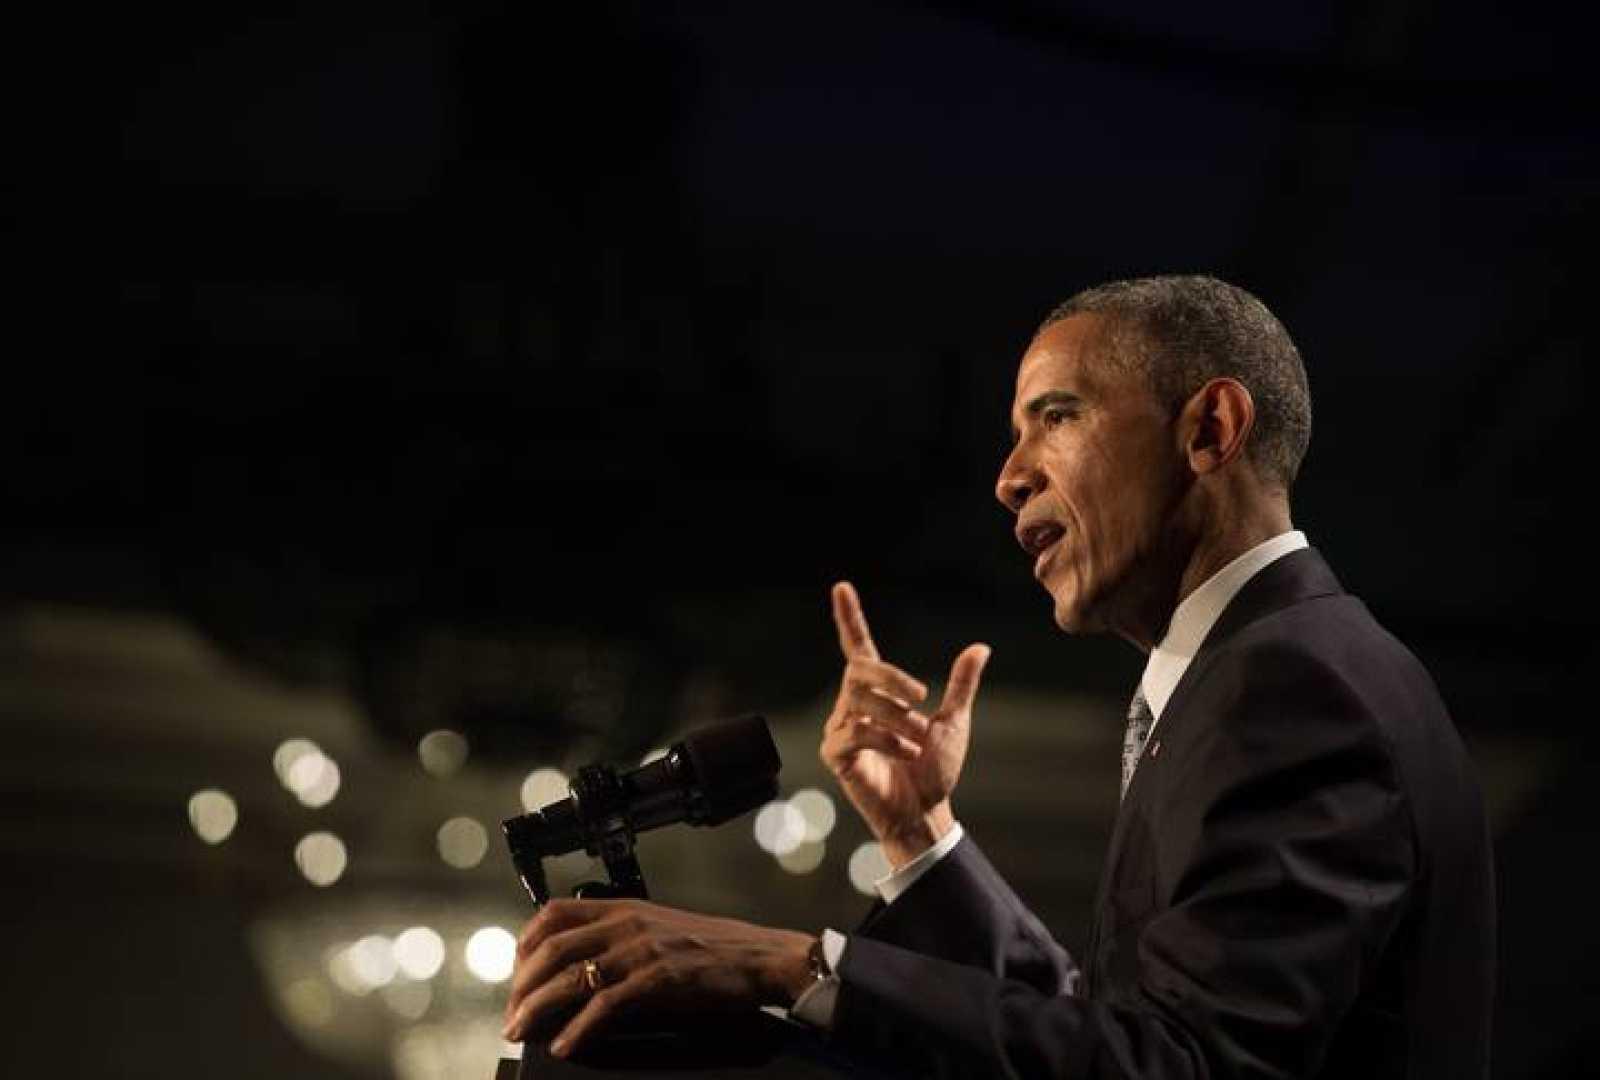 El presidente de EE.UU., Barack Obama, en un discurso ante los demócratas de Filadelfia